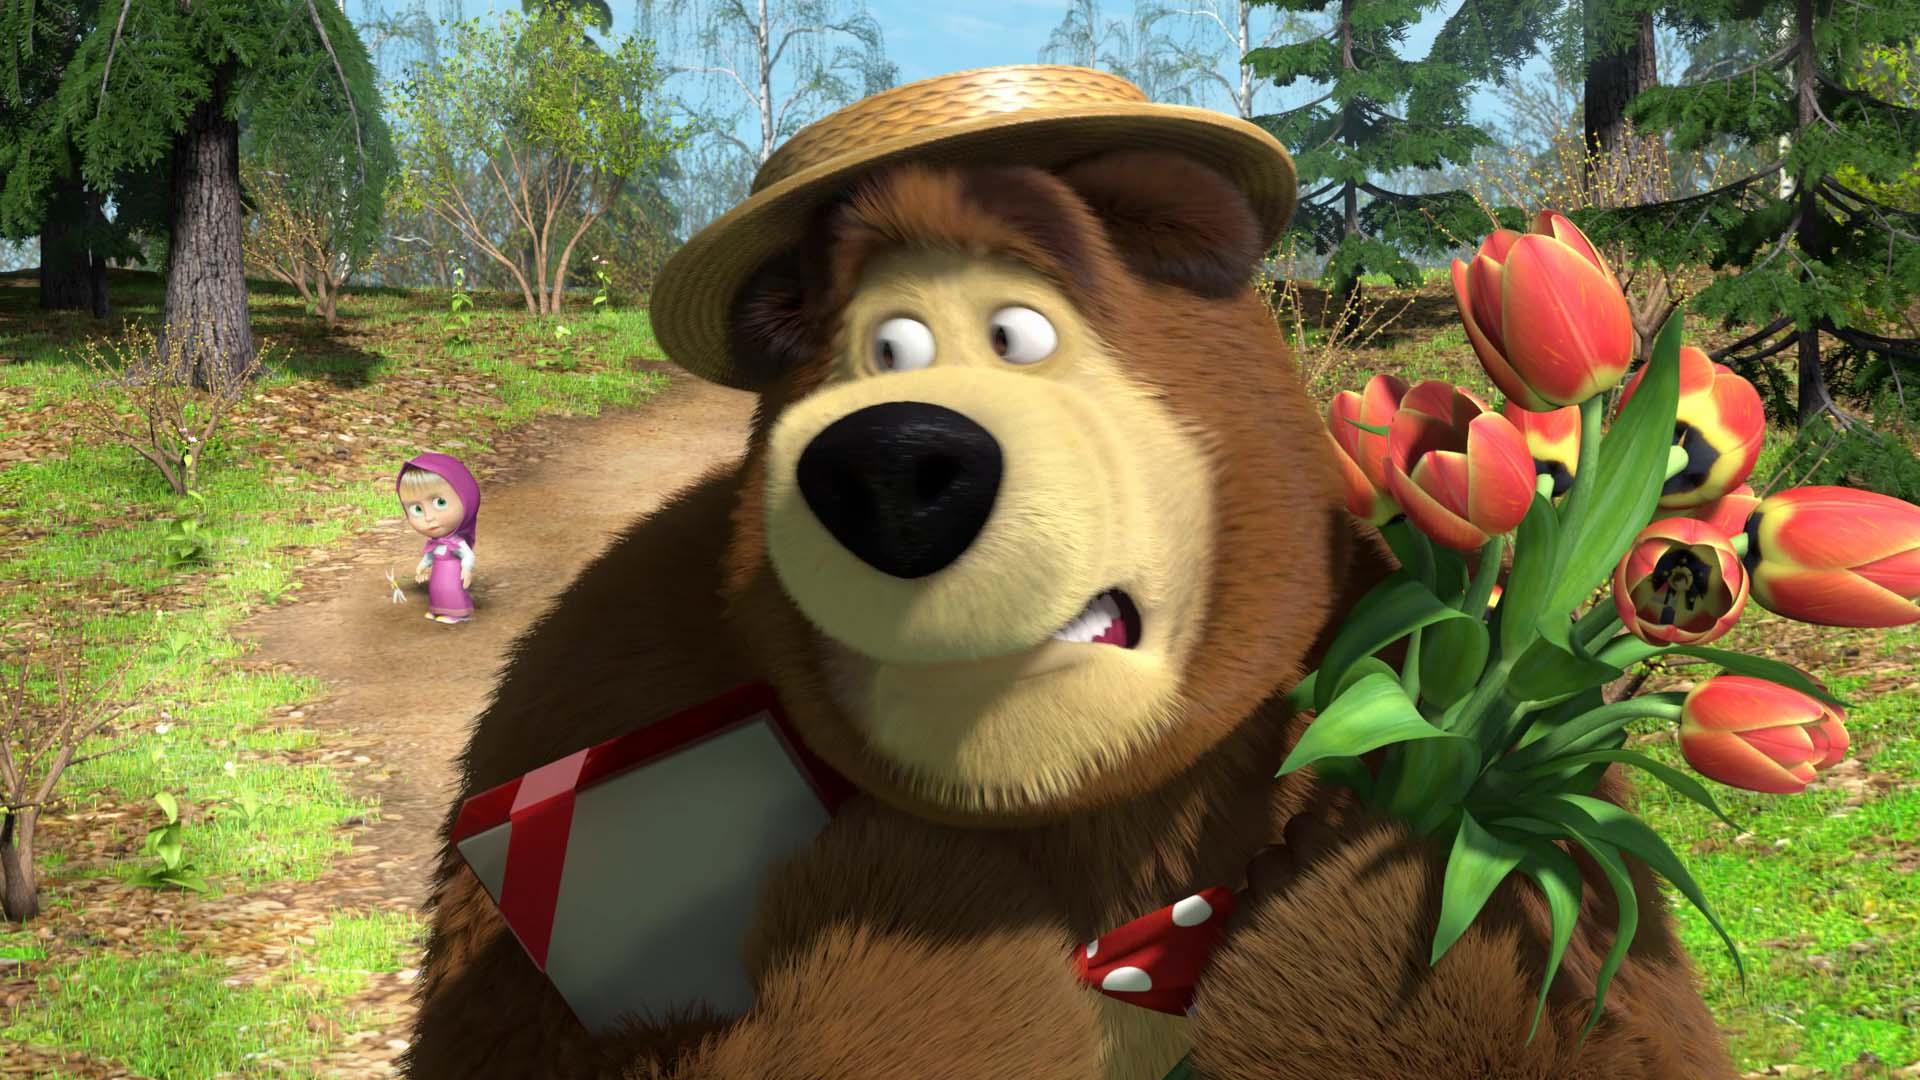 Сериал «Маша иМедведь» обеспечивает интерес к русской анимации— Исследование